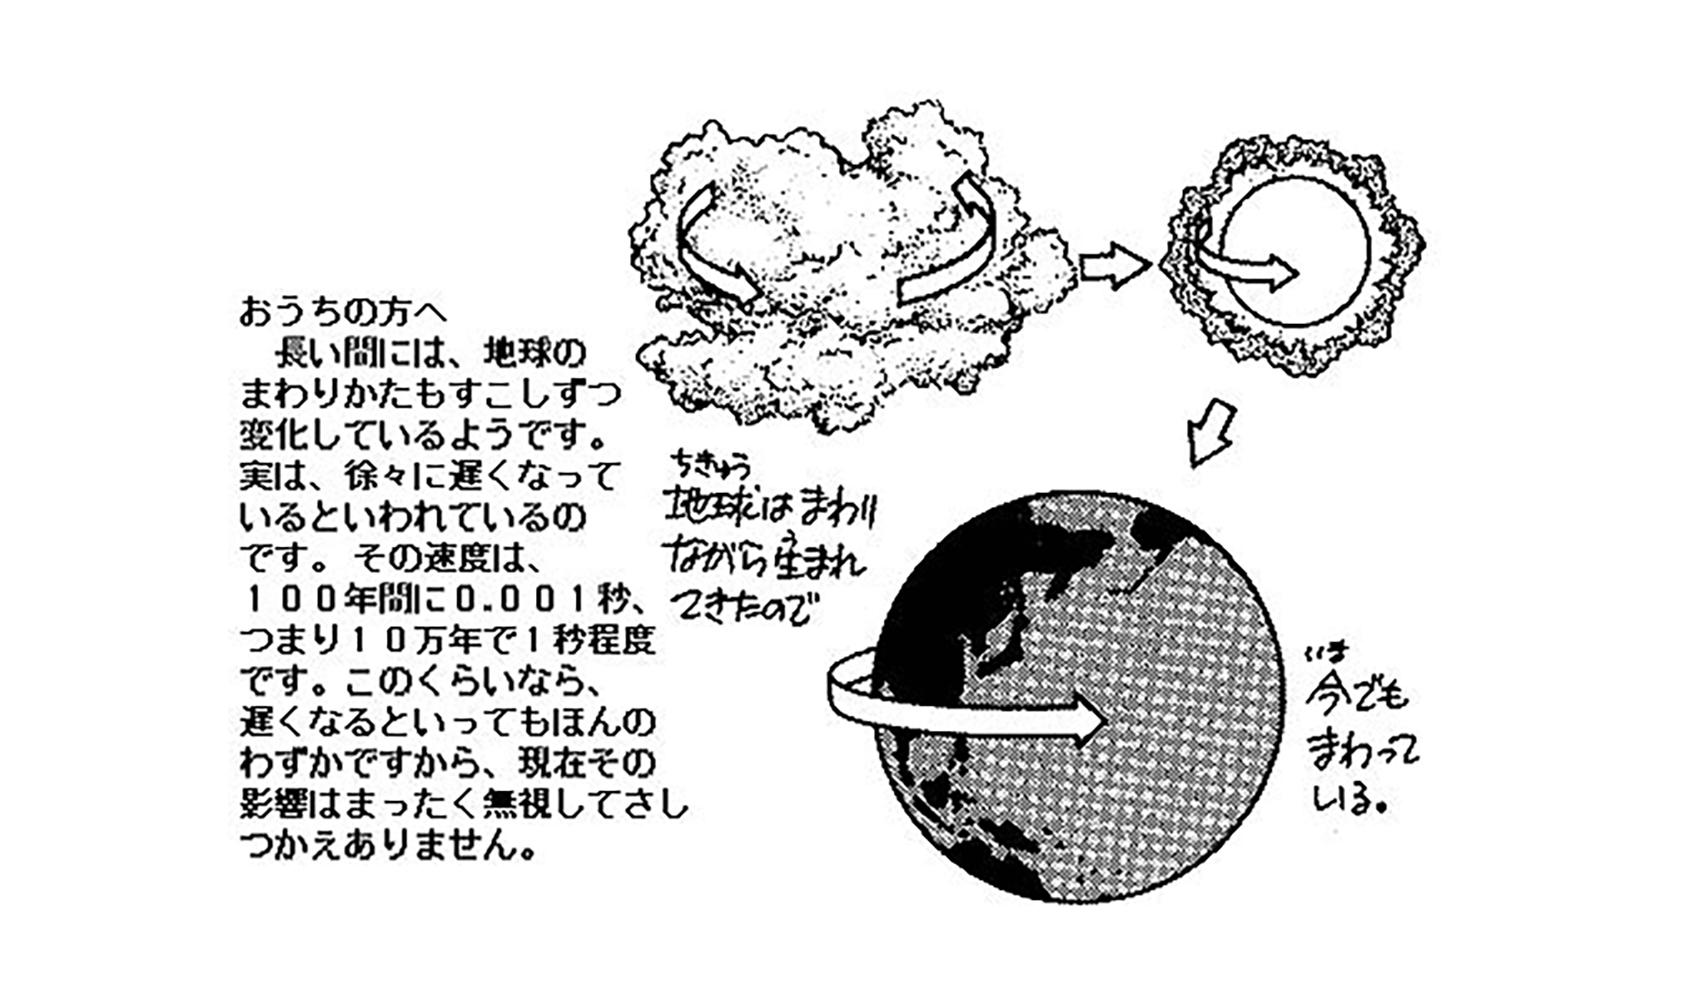 どうして地球はまわって(自転して)いるの